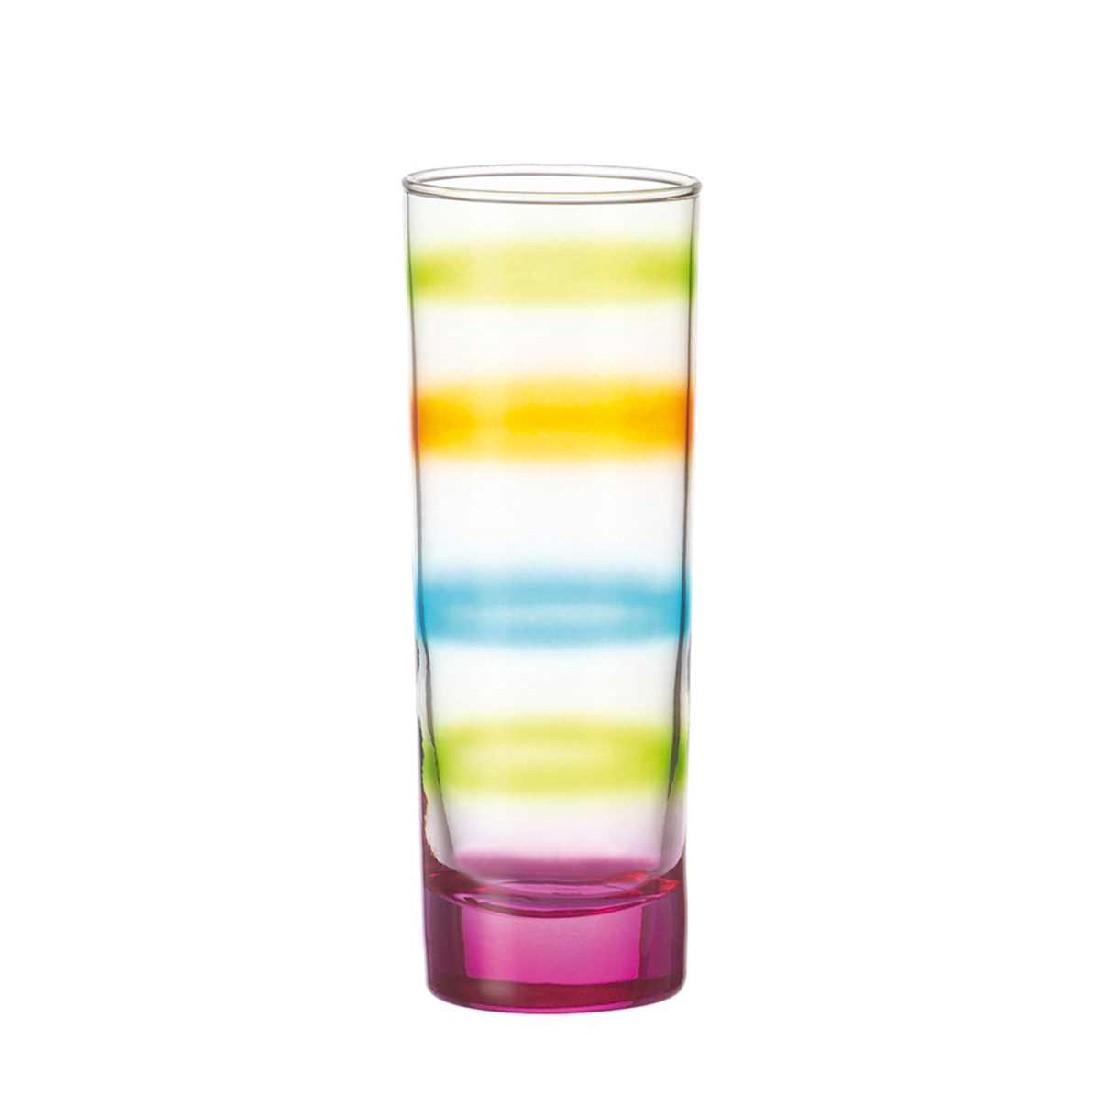 Becher Rainbow (6er-Set) – Pink, Leonardo günstig online kaufen